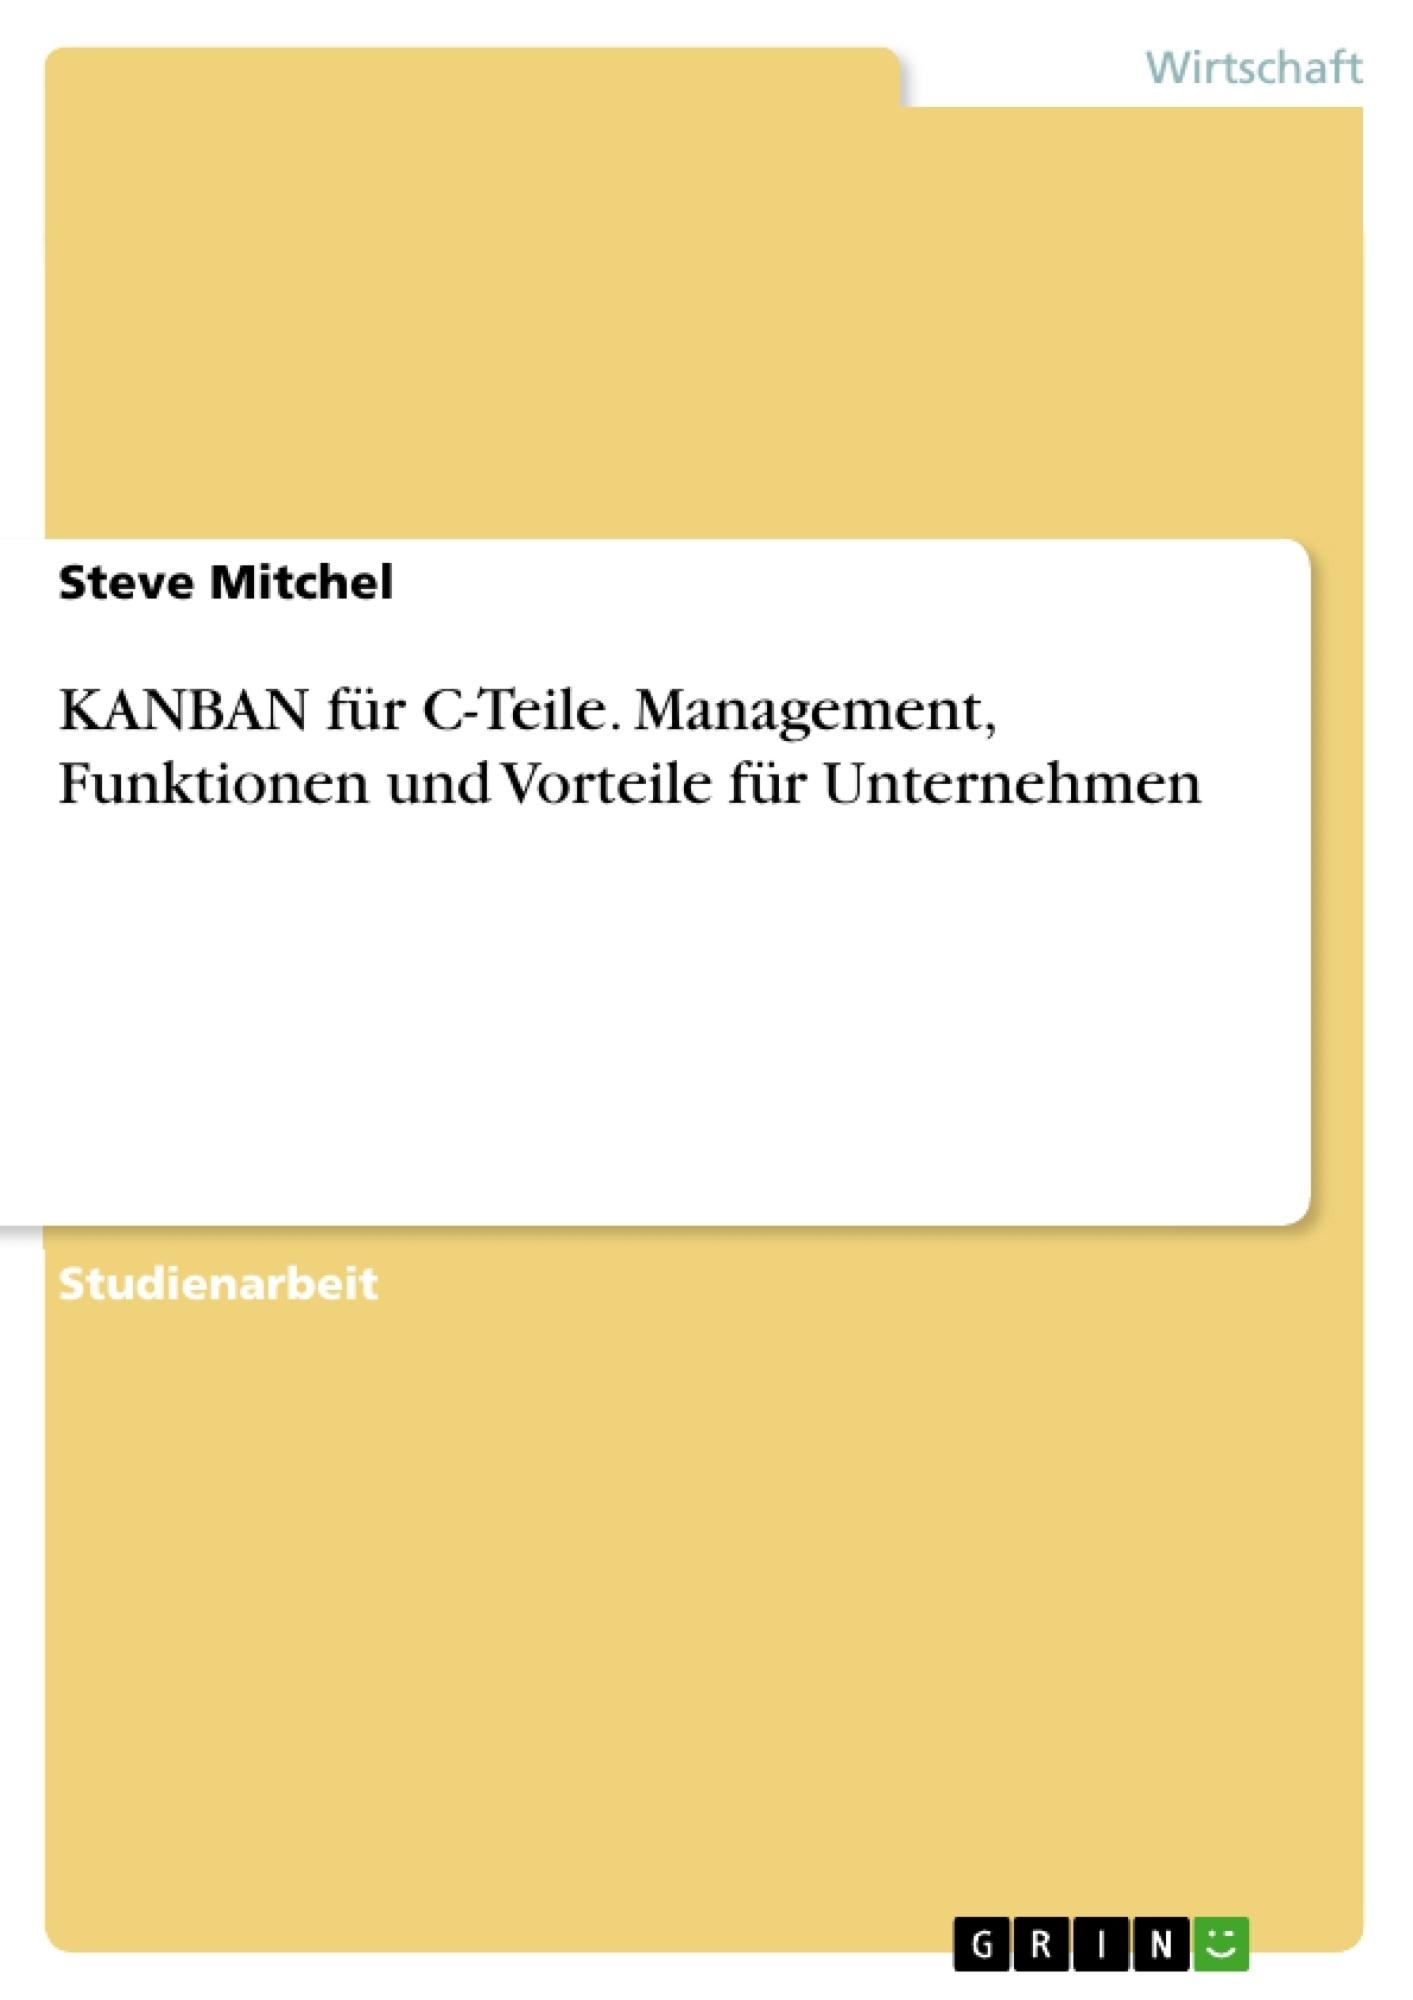 Titel: KANBAN für C-Teile. Management, Funktionen und Vorteile für Unternehmen